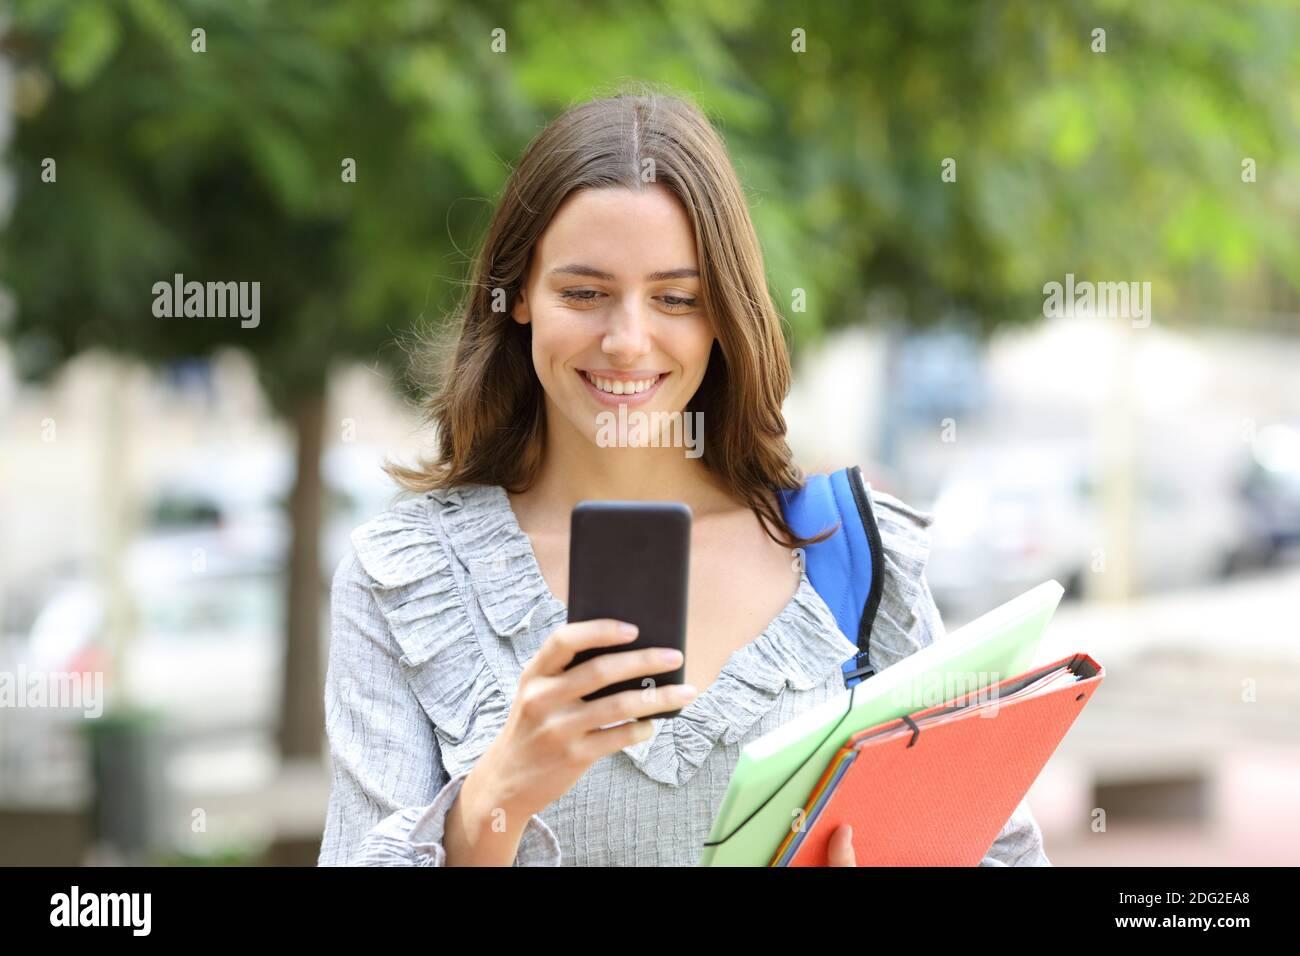 Vue de face d'un élève heureux marchant en vérifiant SMART téléphone dans la rue Banque D'Images